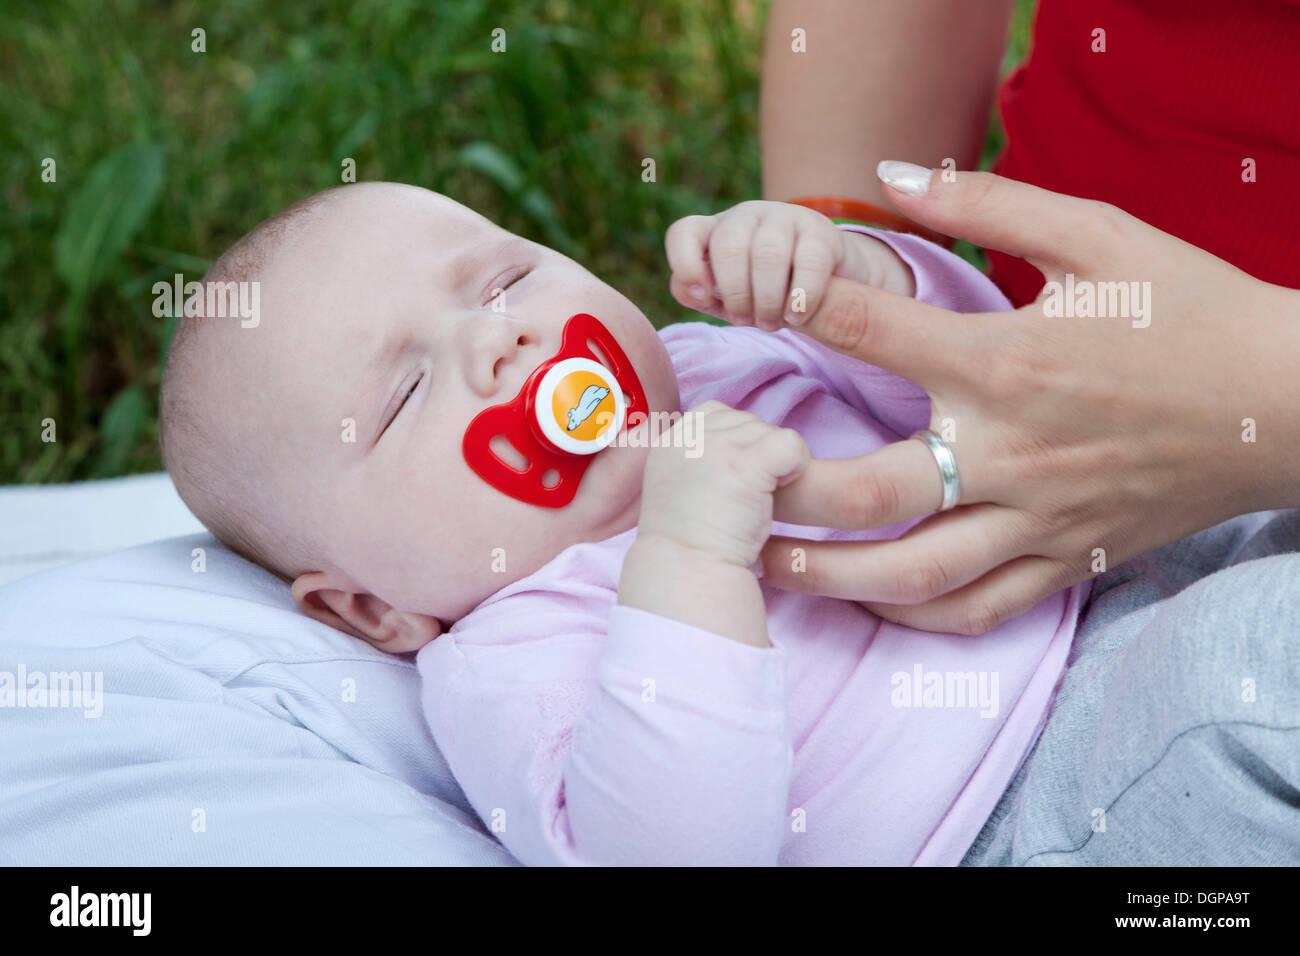 Un bébé de quelques mois, s'accrochant aux doigts de sa mère Banque D'Images